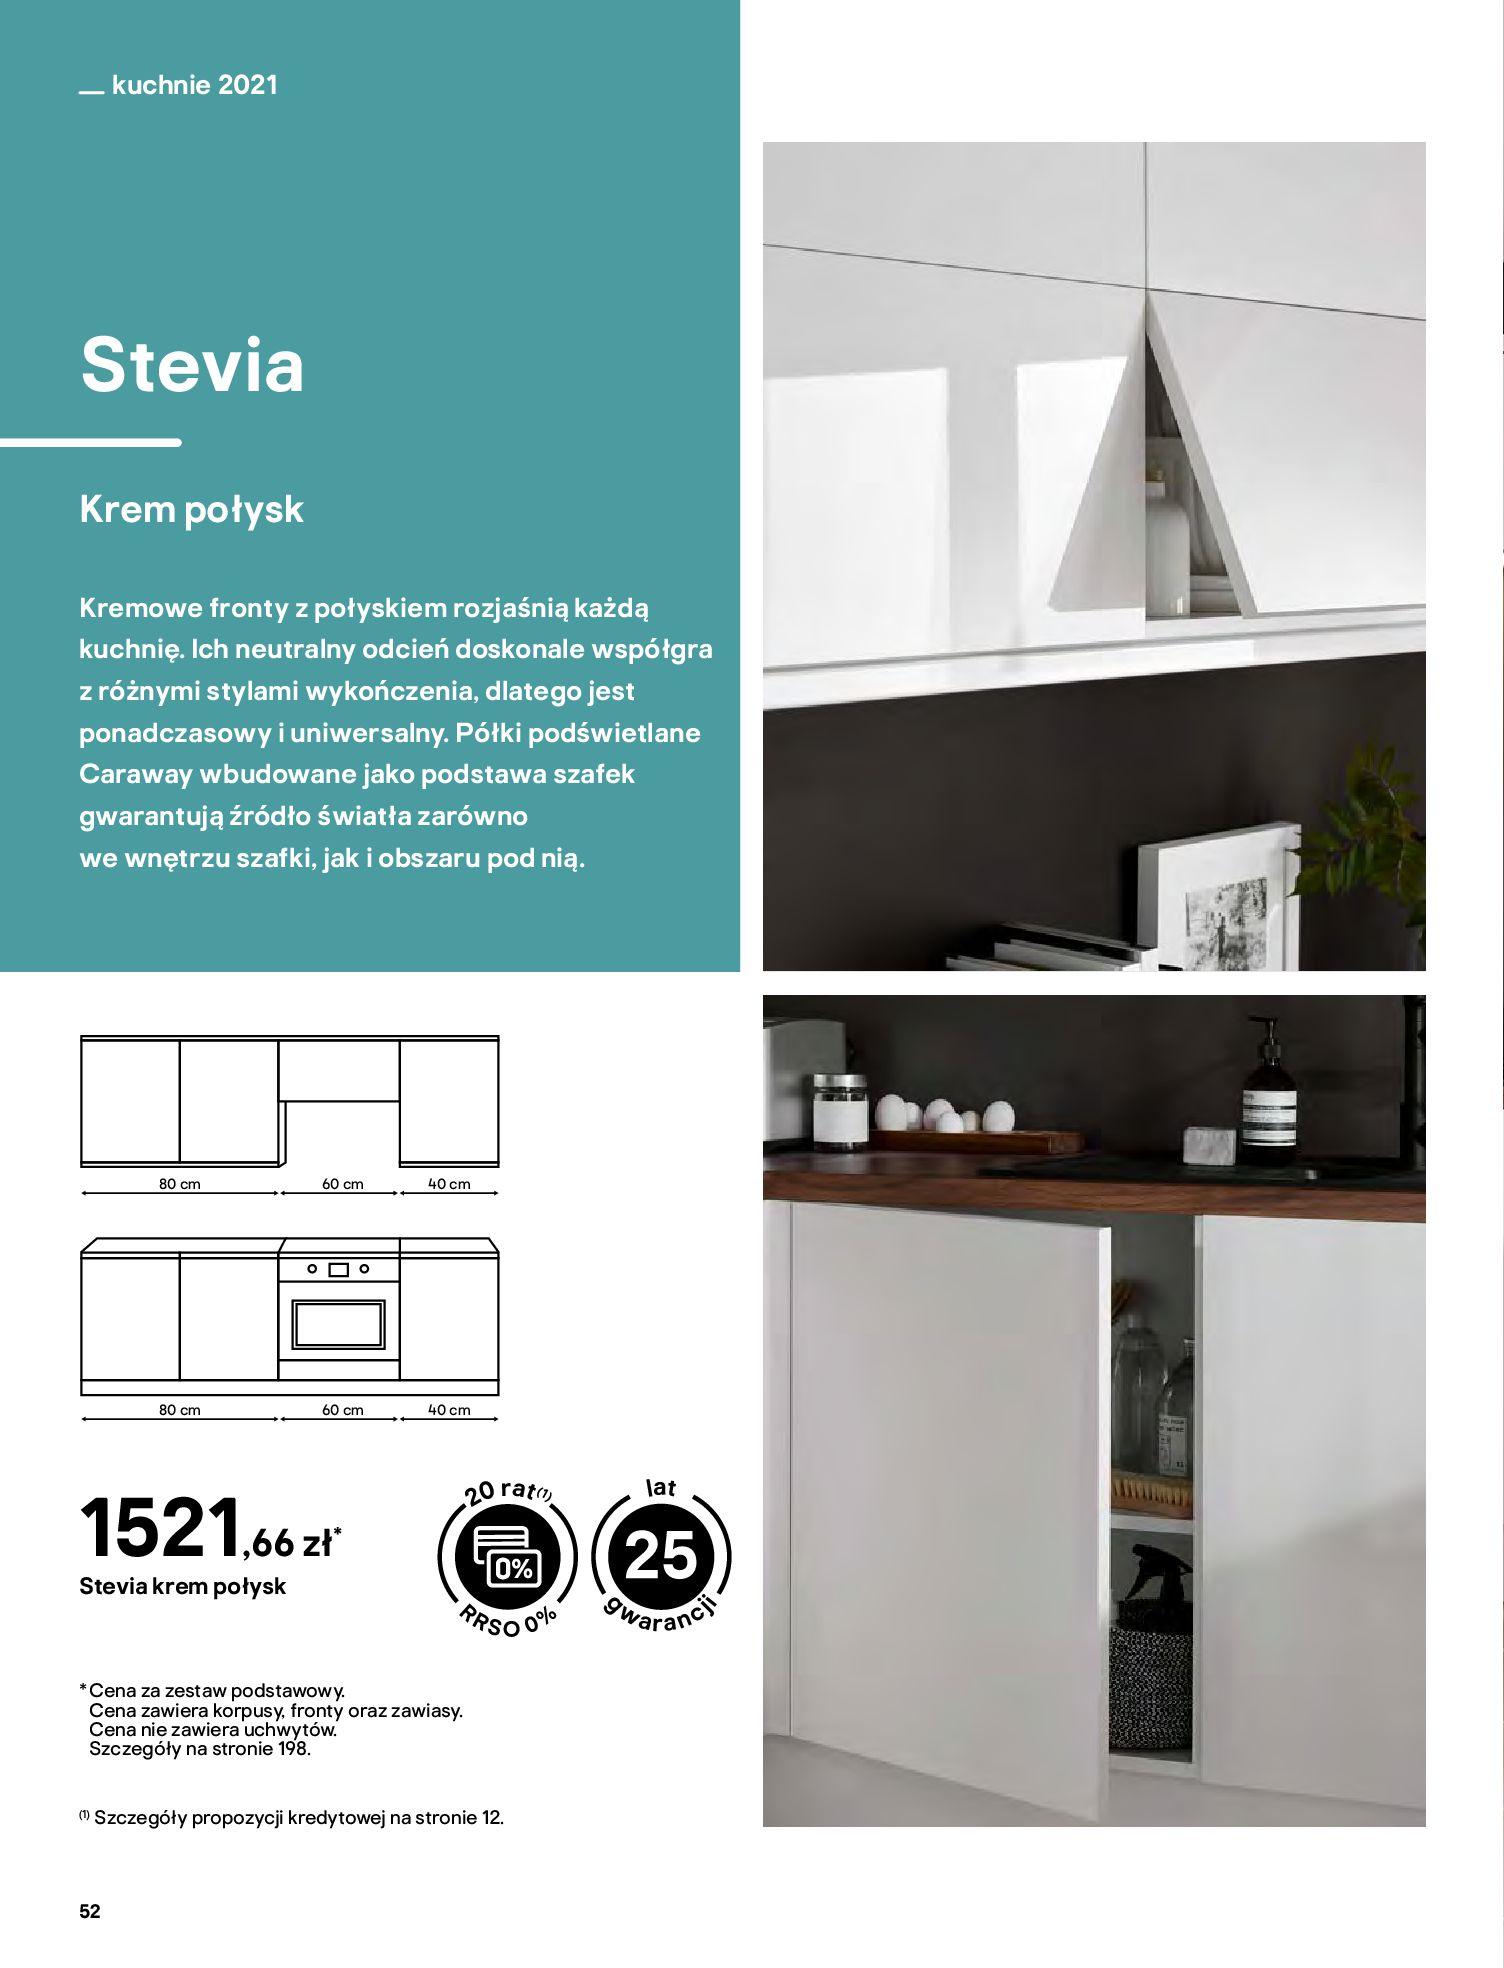 Gazetka Castorama: Katalog kuchnie 2021 2021-05-04 page-52